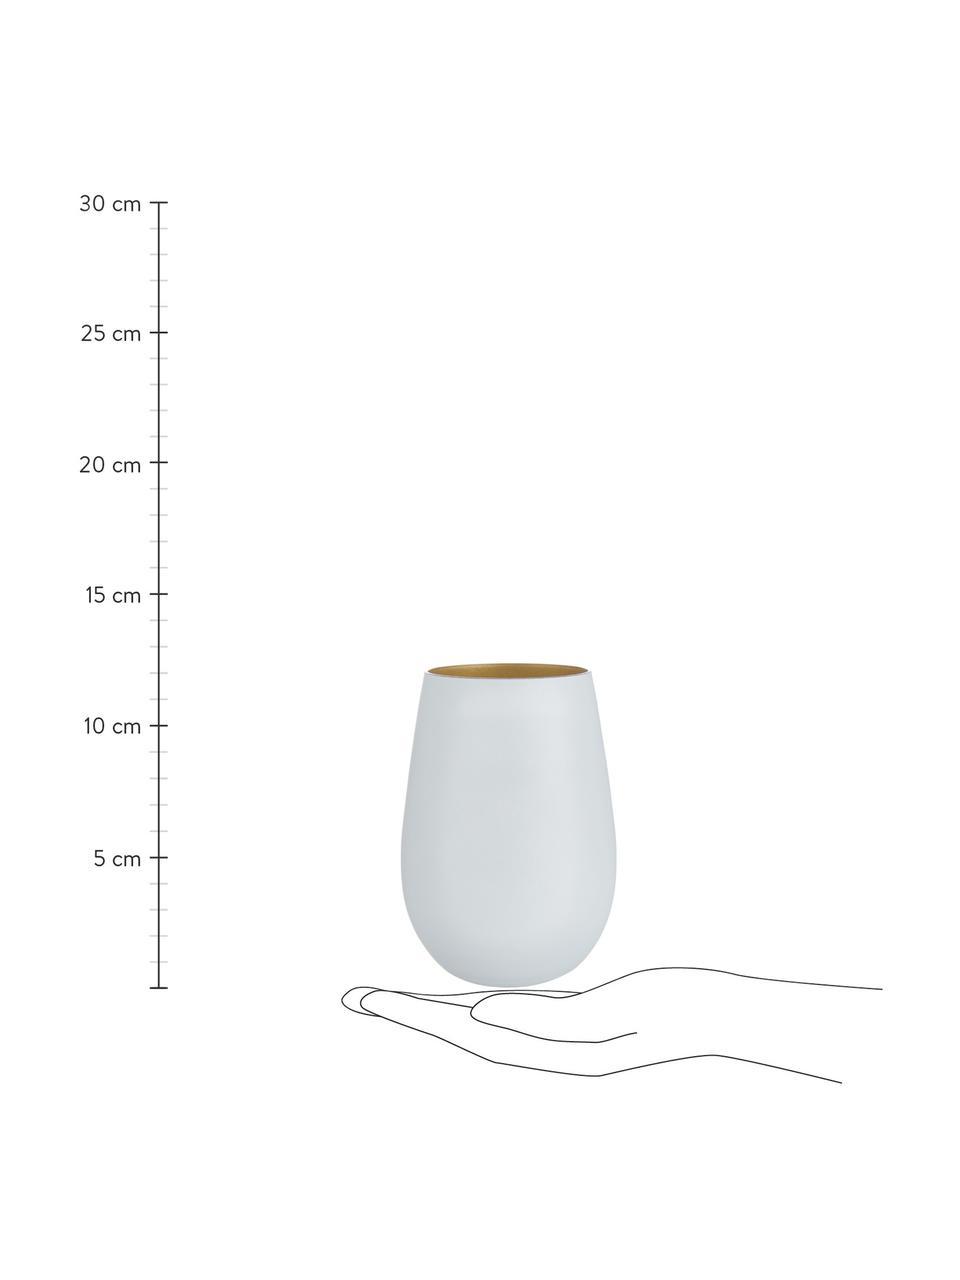 Kristall-Longdrinkgläser Elements in Weiß/Gold, 6 Stück, Kristallglas, beschichtet, Weiß, Messingfarben, Ø 9 x H 12 cm